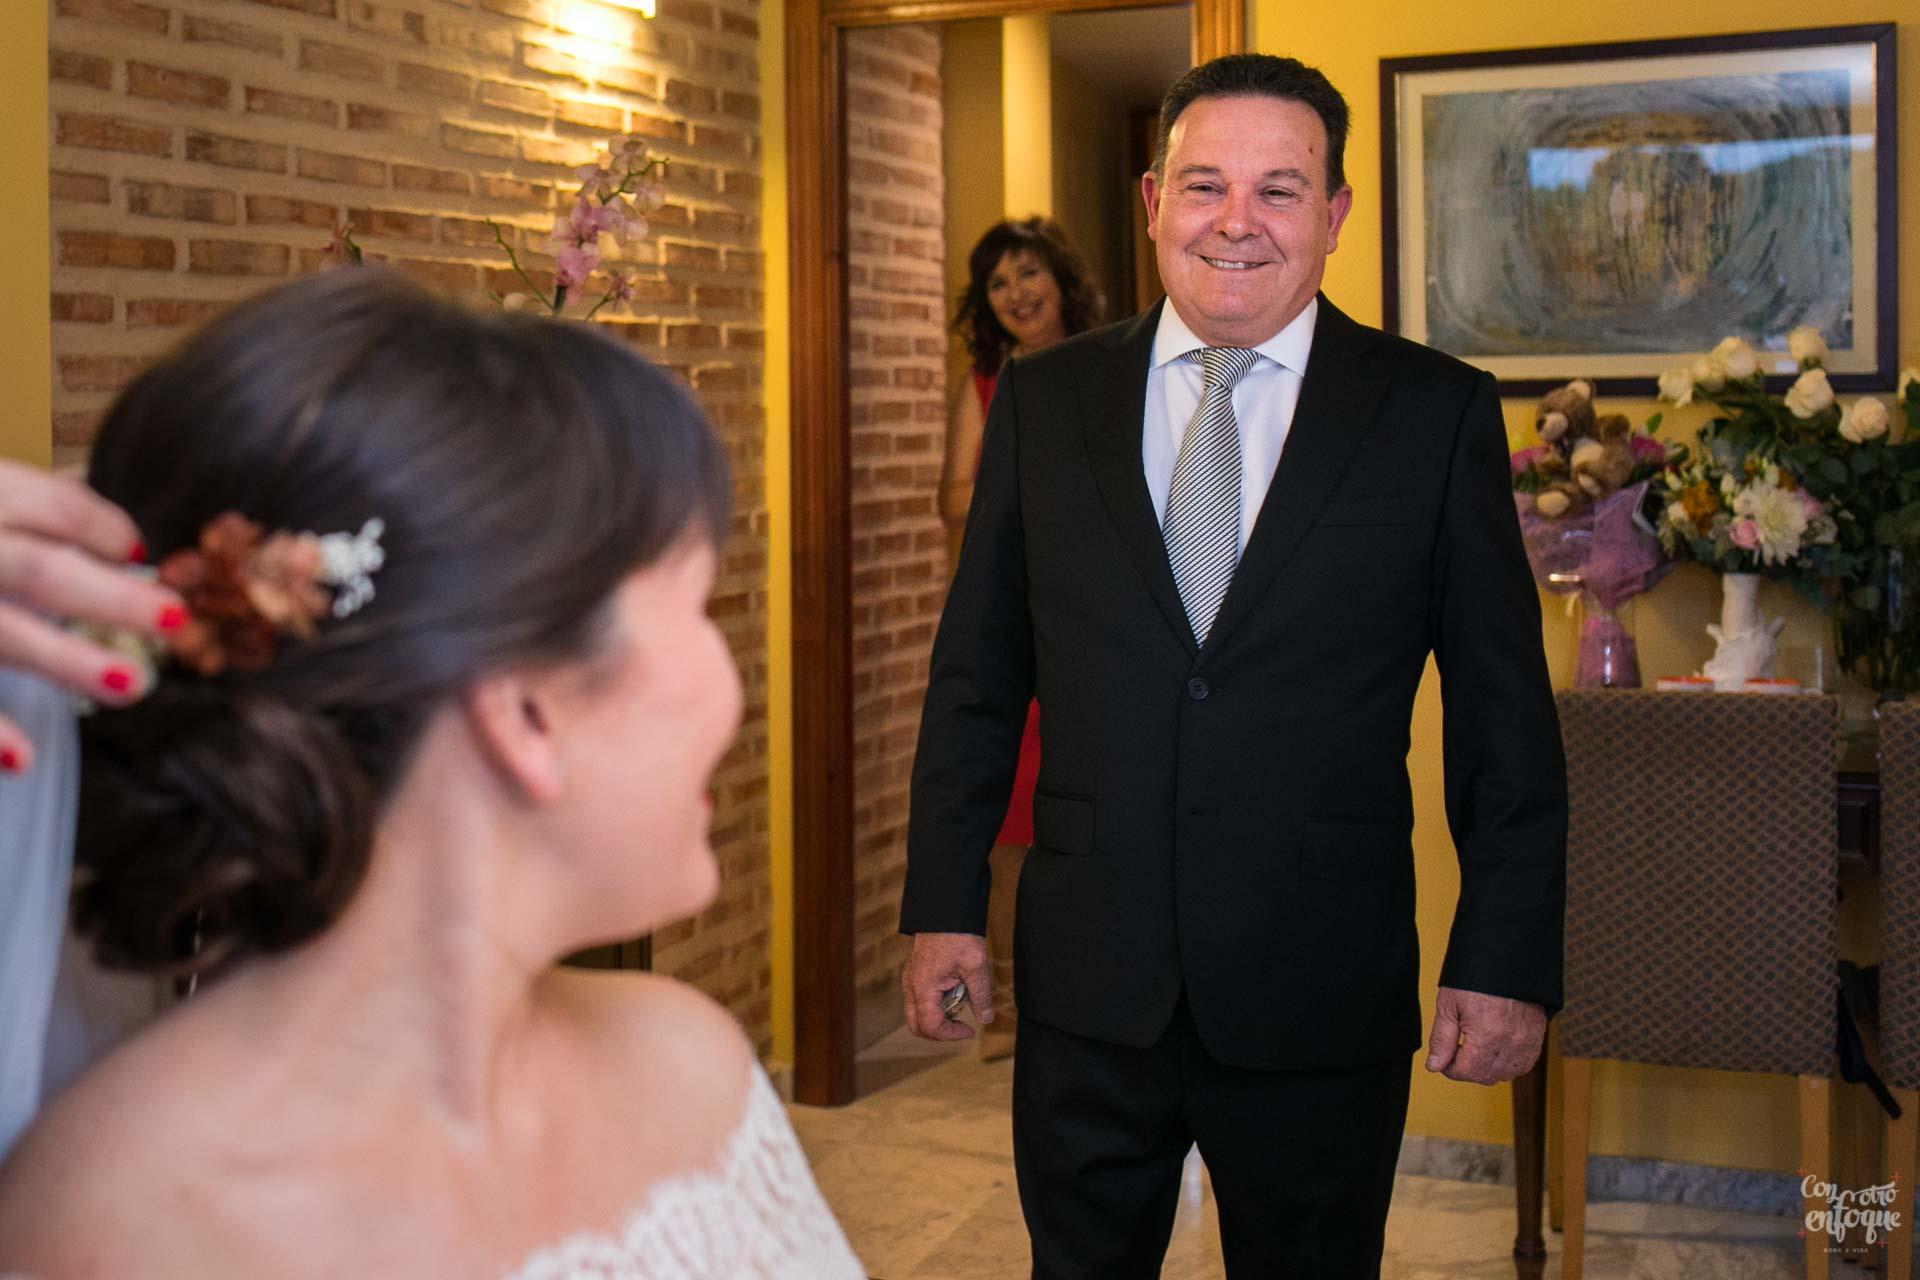 padre y novia boda en hotel adhoc bétera